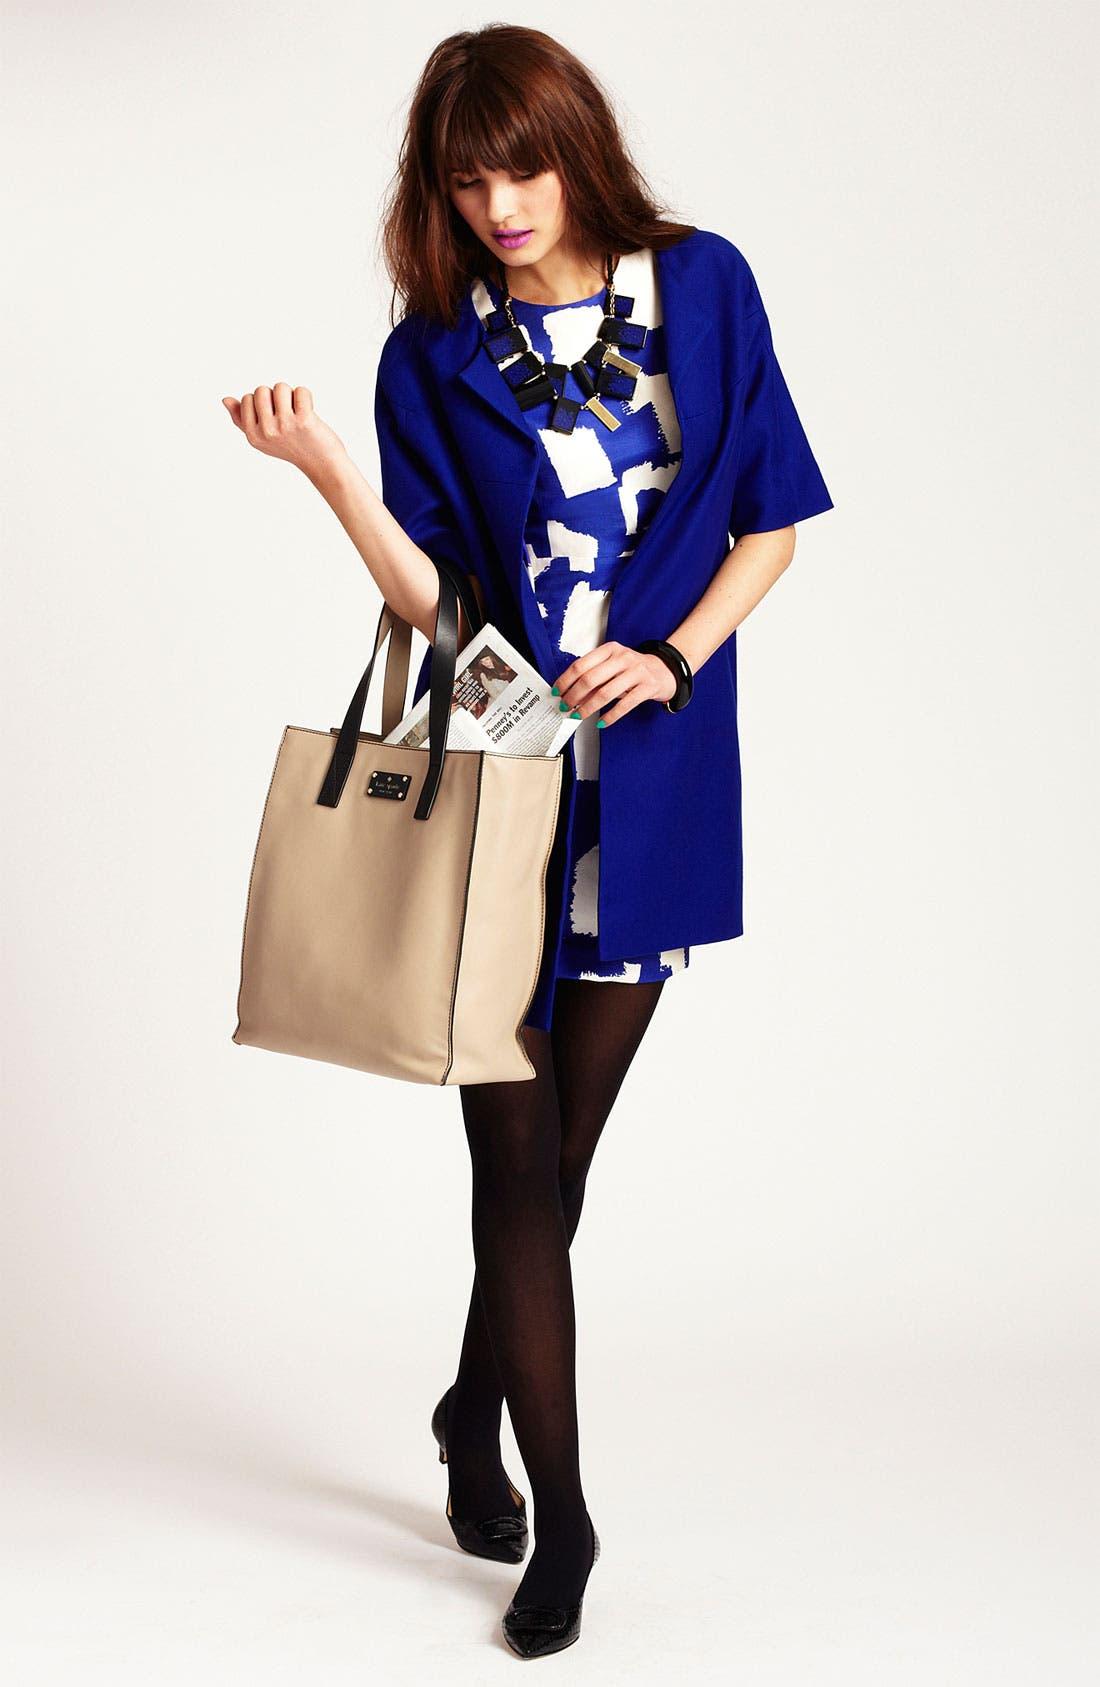 Alternate Image 1 Selected - kate spade new york dress & coat